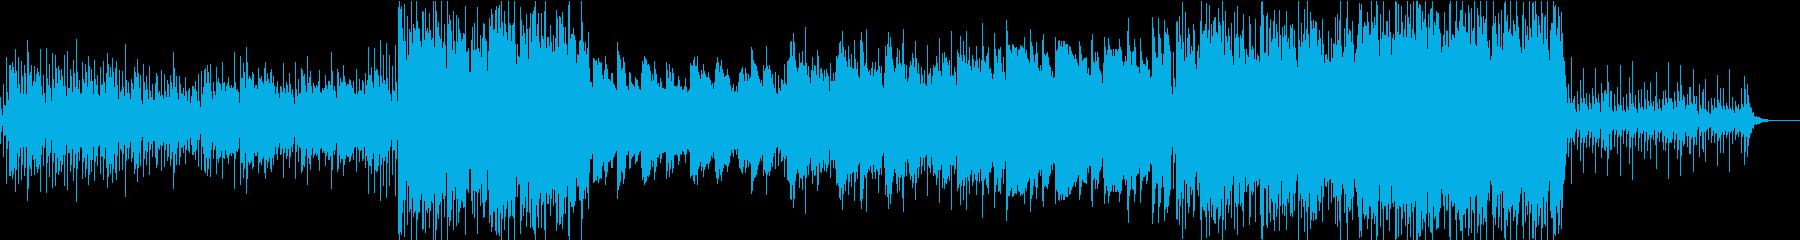 【和風HipHop】神秘的な深い夜の森の再生済みの波形